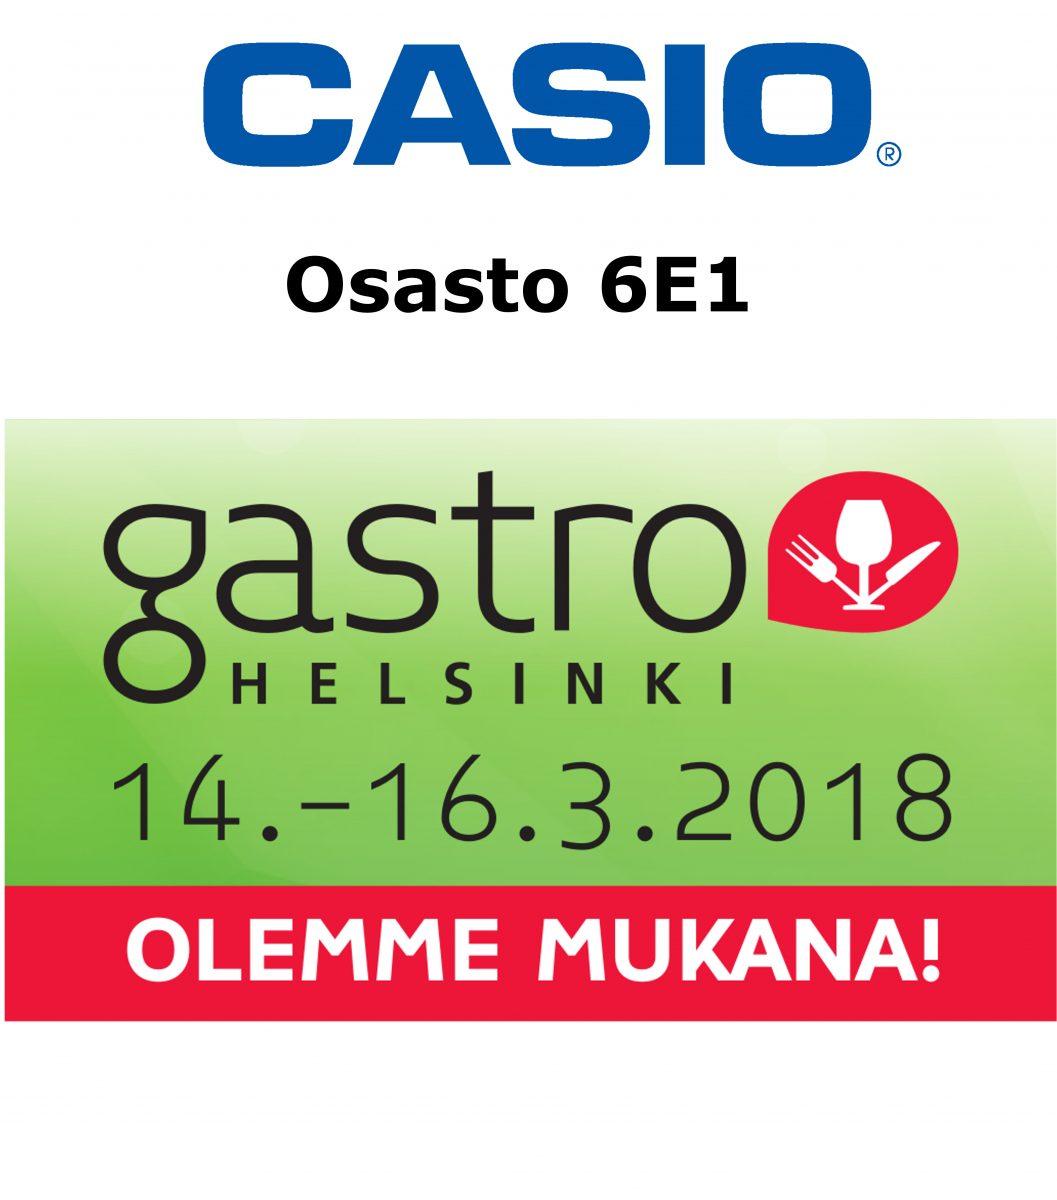 Casio Gastro 2018